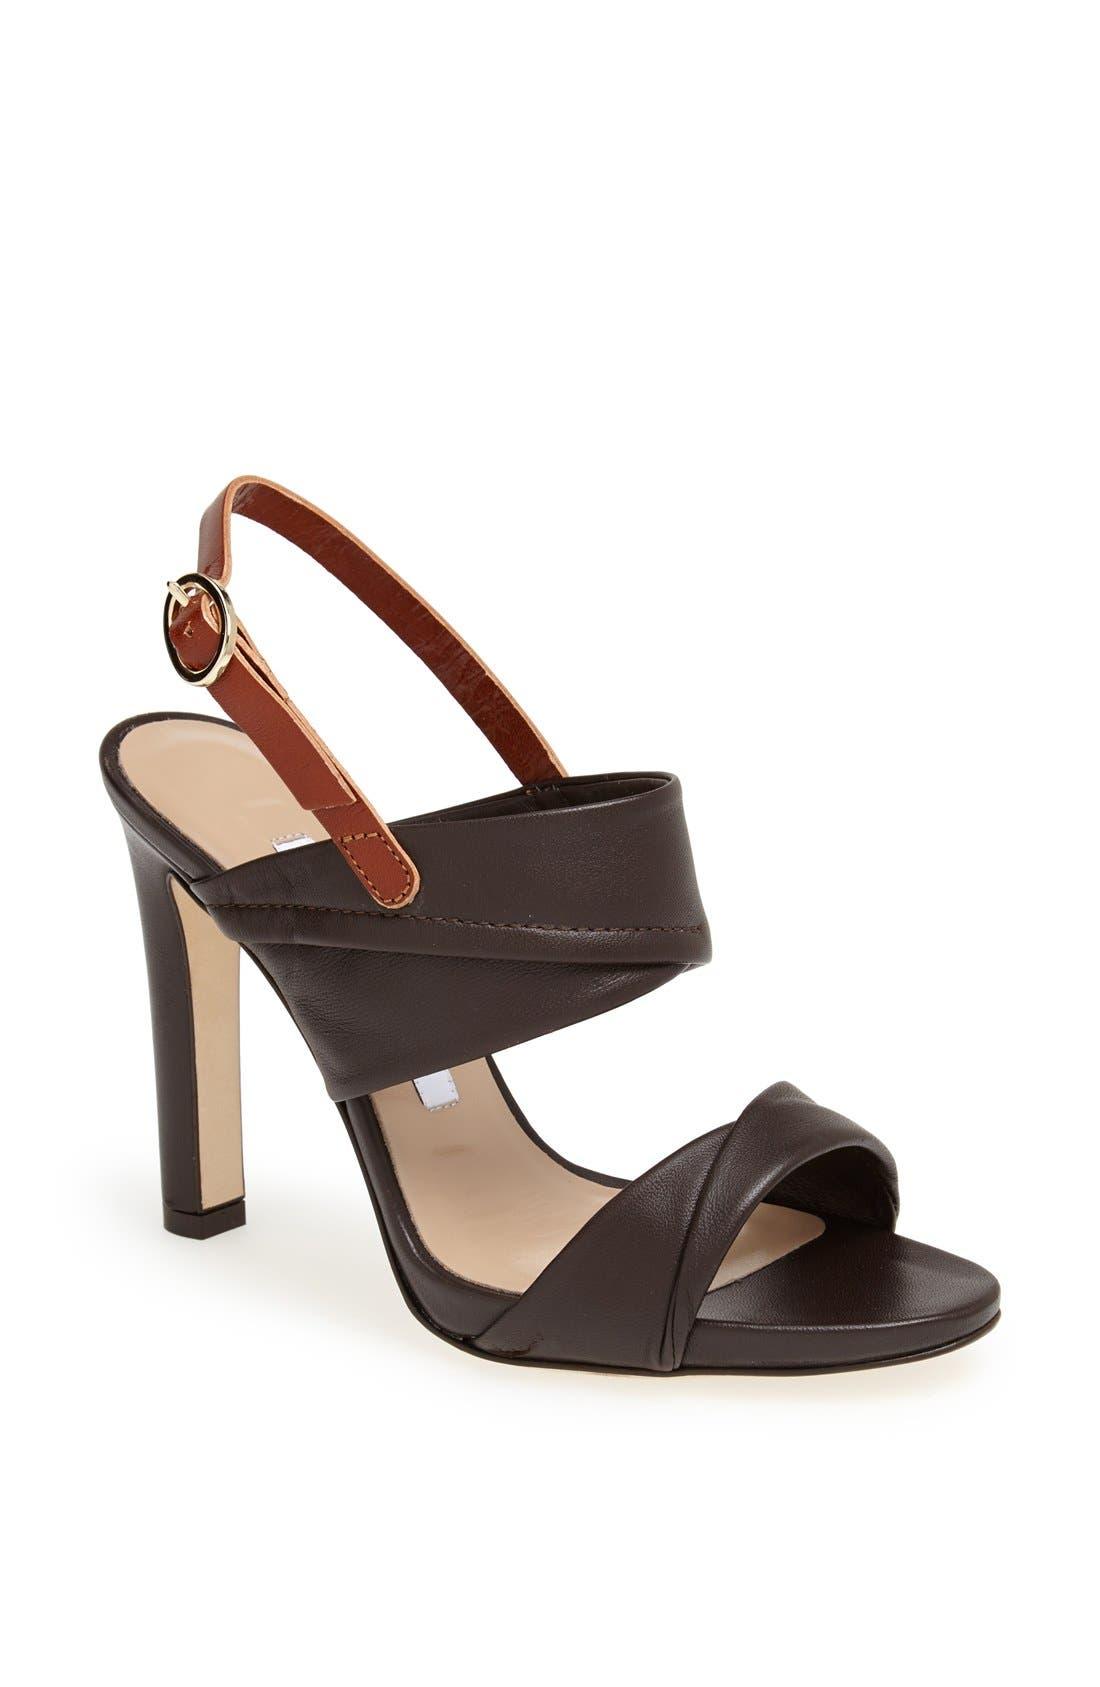 Alternate Image 1 Selected - Diane von Furstenberg 'Jacey' Leather Sandal